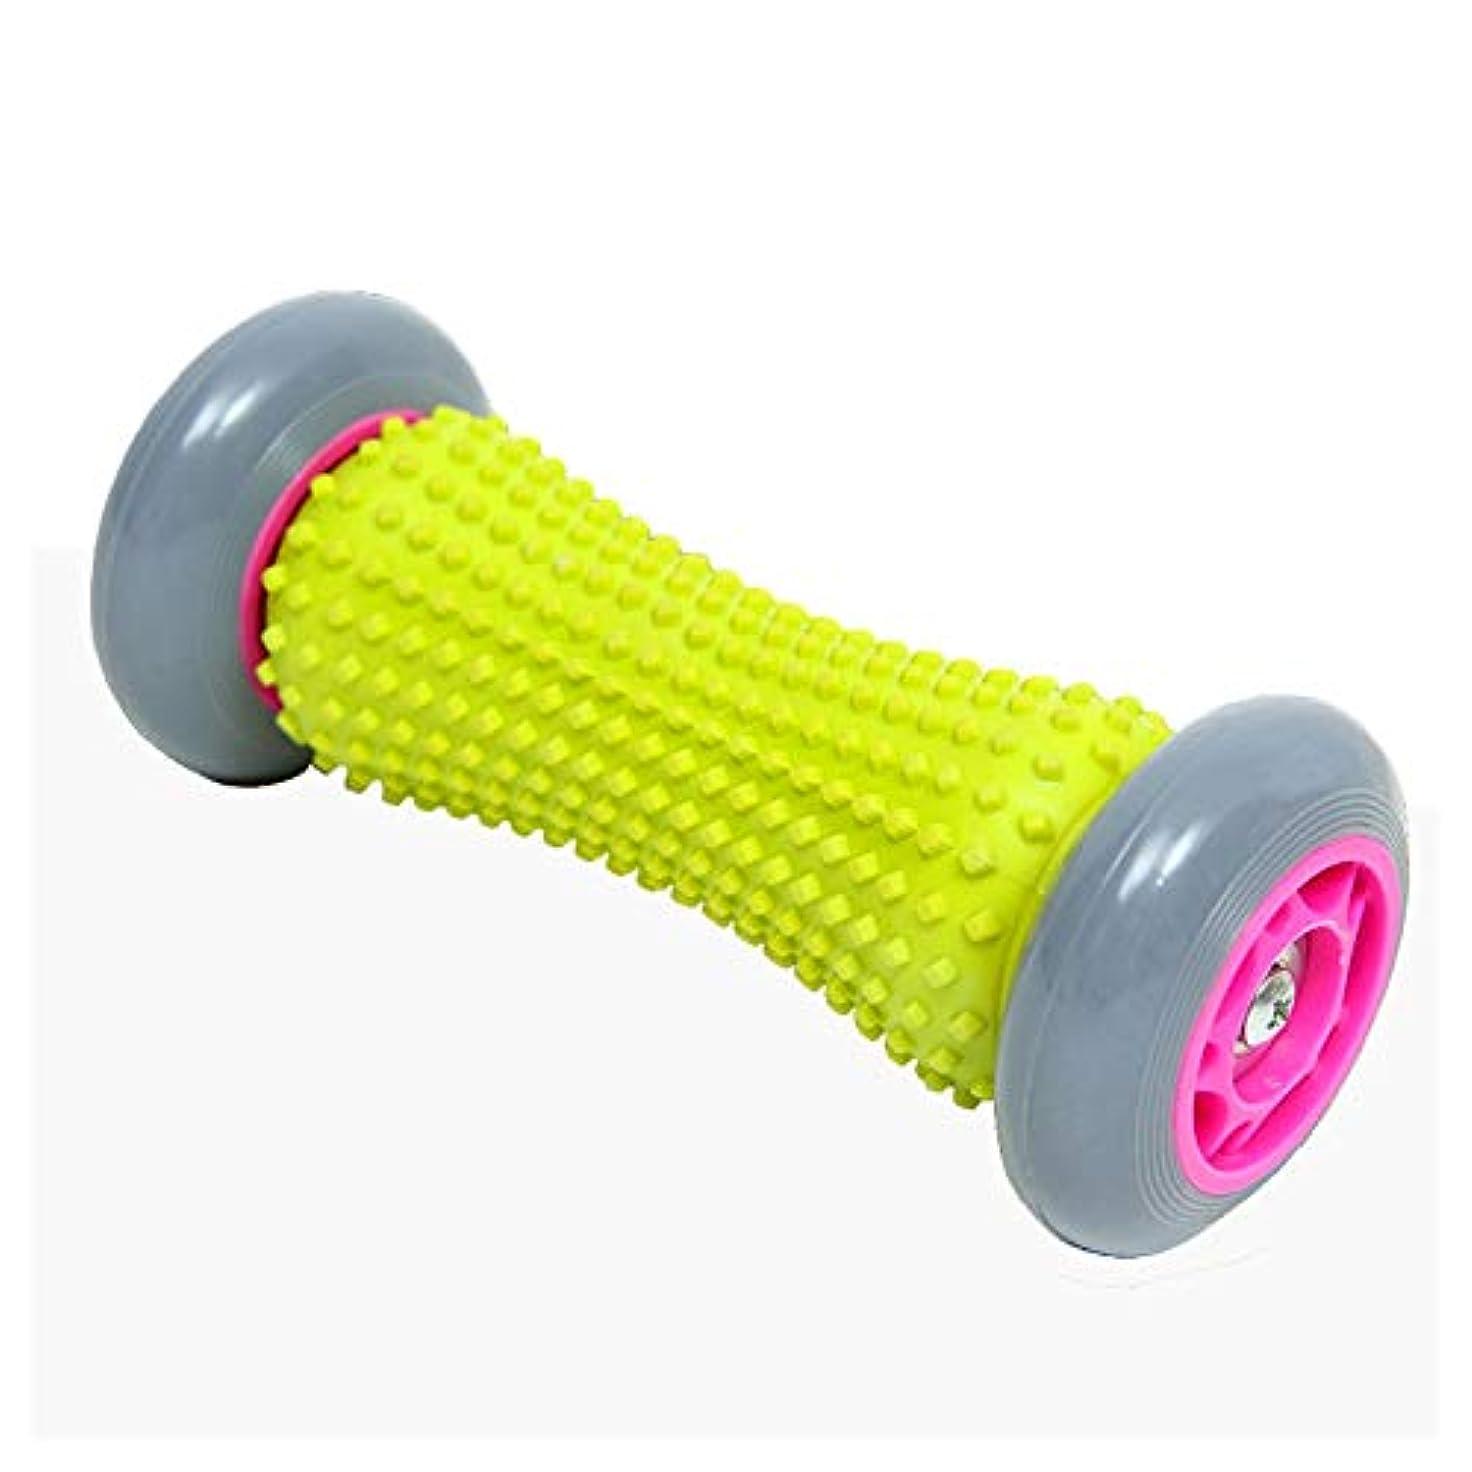 高速道路人に関する限りフレキシブル足底筋膜炎のリフレクソロジーのためのフットローラーマッサージ背中の足の筋肉マッサージャー+ 2先端のとがったボール